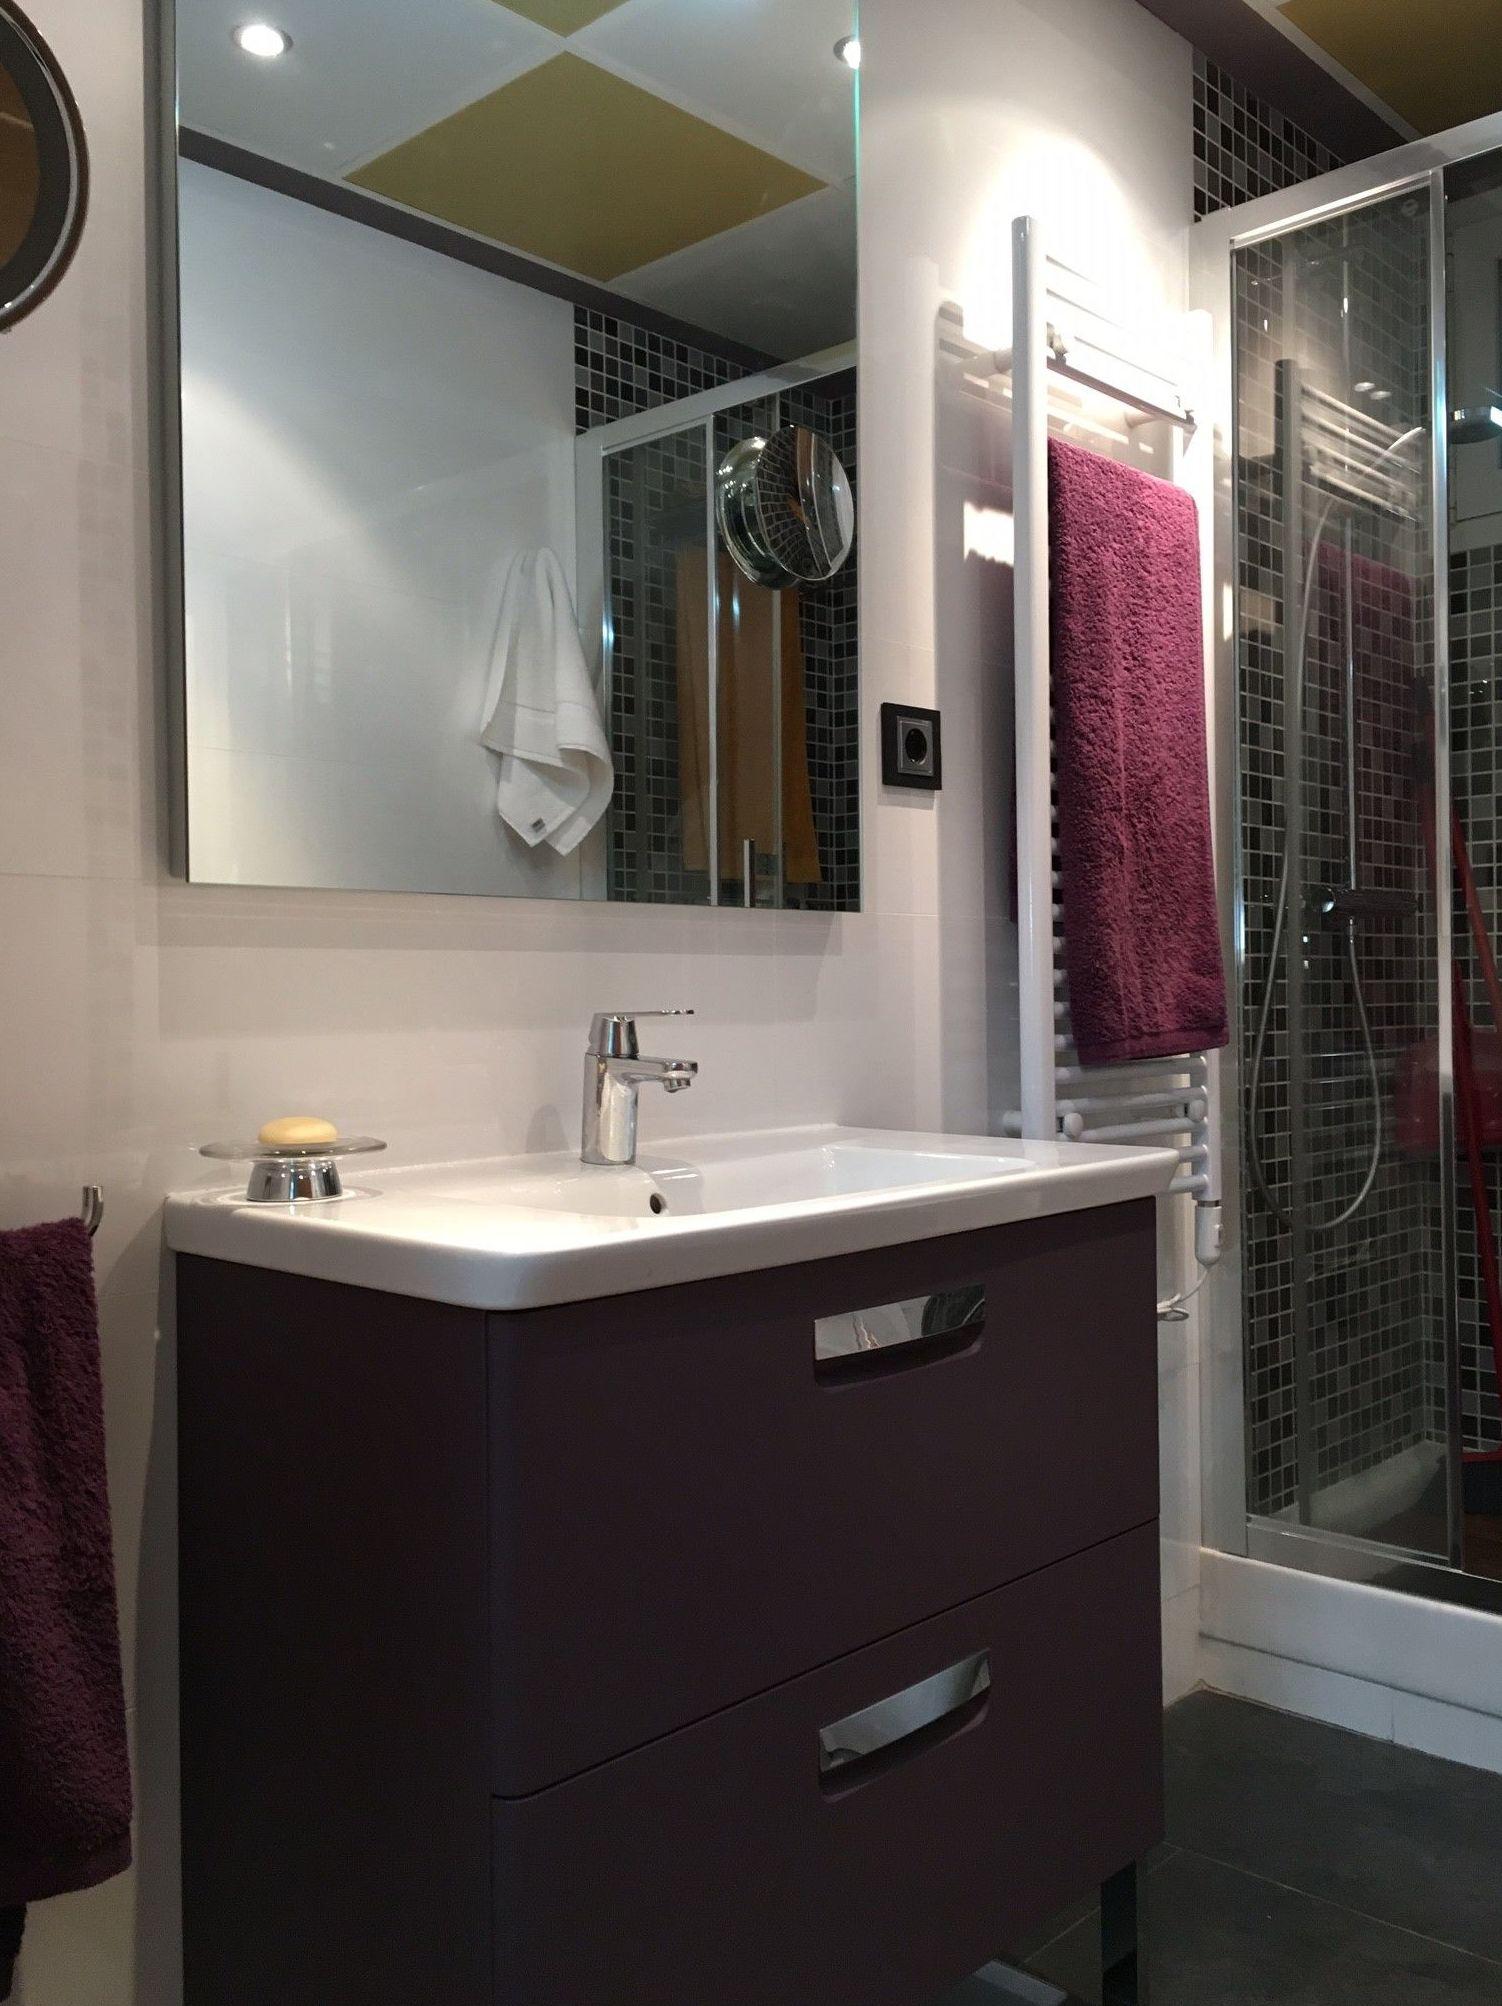 Foto 18 de Muebles de baño y cocina en Madrid | Atrezzo Cocina y Baño